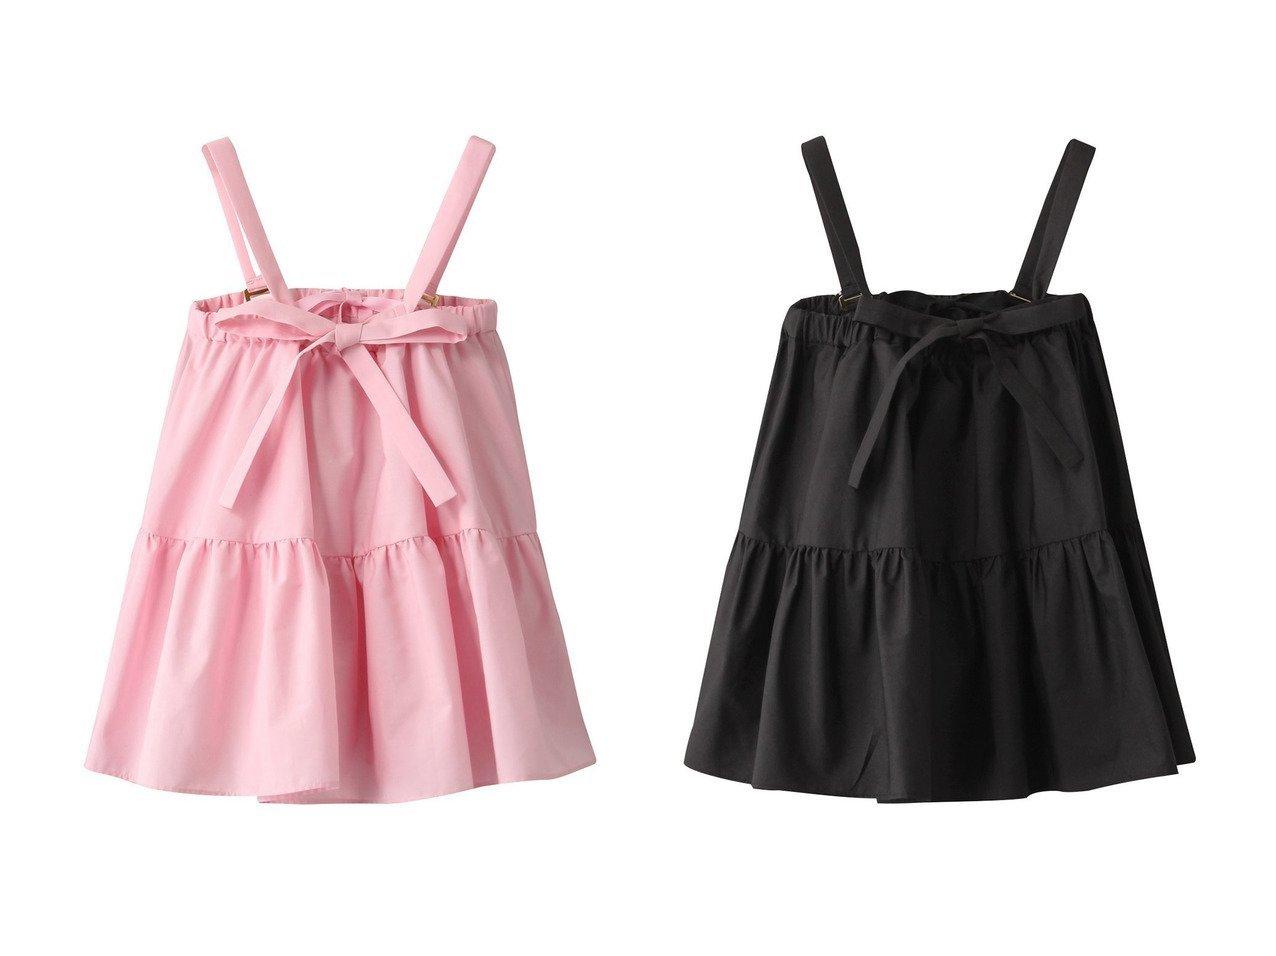 【AMICA / KIDS/アミカ】の【Baby&Kids】2wayクリノリンドレス 【KIDS】子供服のおすすめ!人気トレンド・キッズファッションの通販 おすすめで人気の流行・トレンド、ファッションの通販商品 メンズファッション・キッズファッション・インテリア・家具・レディースファッション・服の通販 founy(ファニー) https://founy.com/ ファッション Fashion キッズファッション KIDS ワンピース Dress/Kids 2021年 2021 2021春夏・S/S SS/Spring/Summer/2021 S/S・春夏 SS・Spring/Summer おすすめ Recommend チュニック ドレス 春 Spring  ID:crp329100000028961